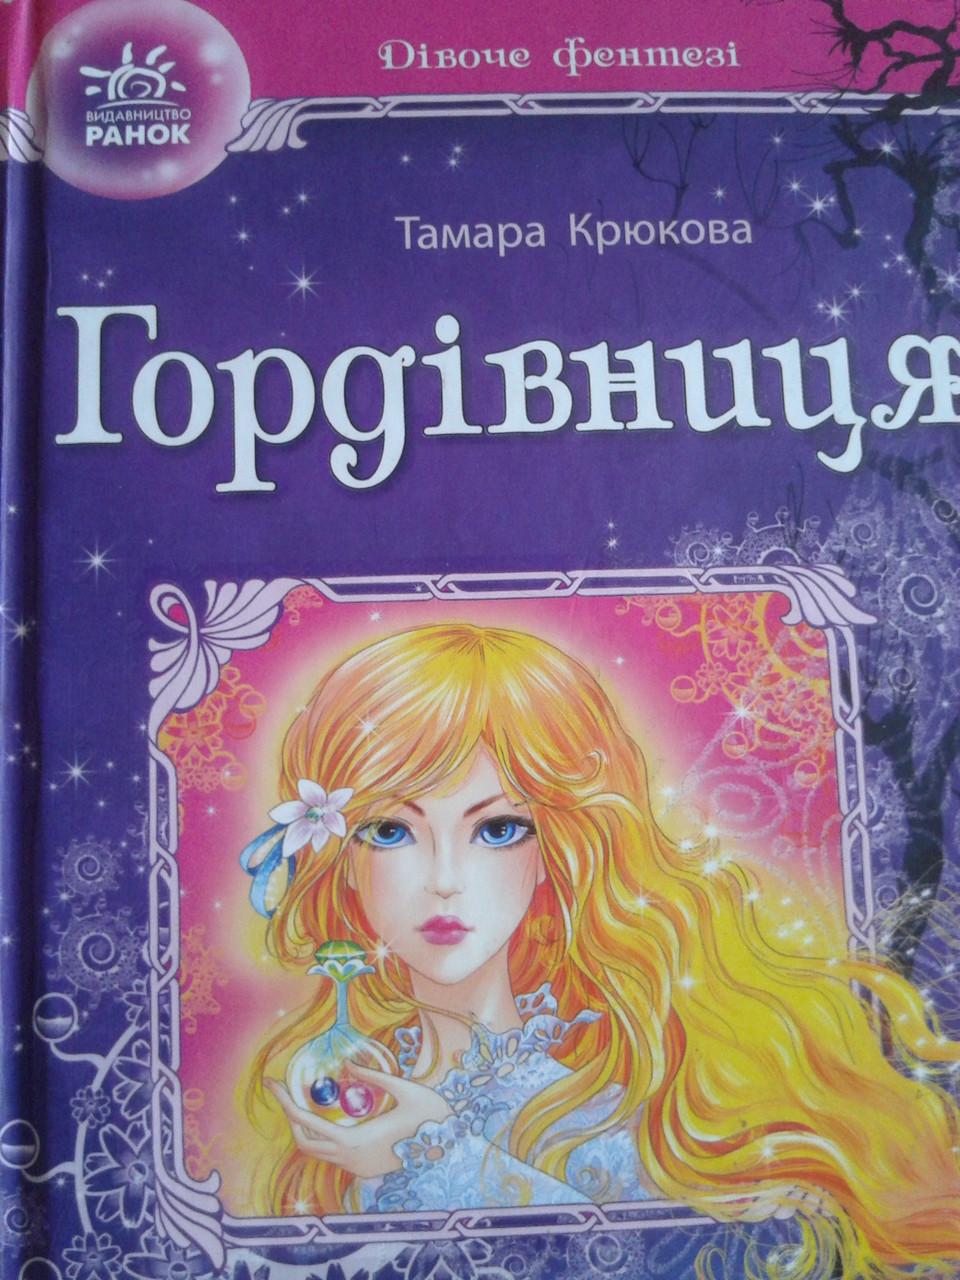 Тамара Крюкова «Гордівниця. Закляття гномів» ... Цикл про юну і вродливу Гордівницю складається з семи частин.